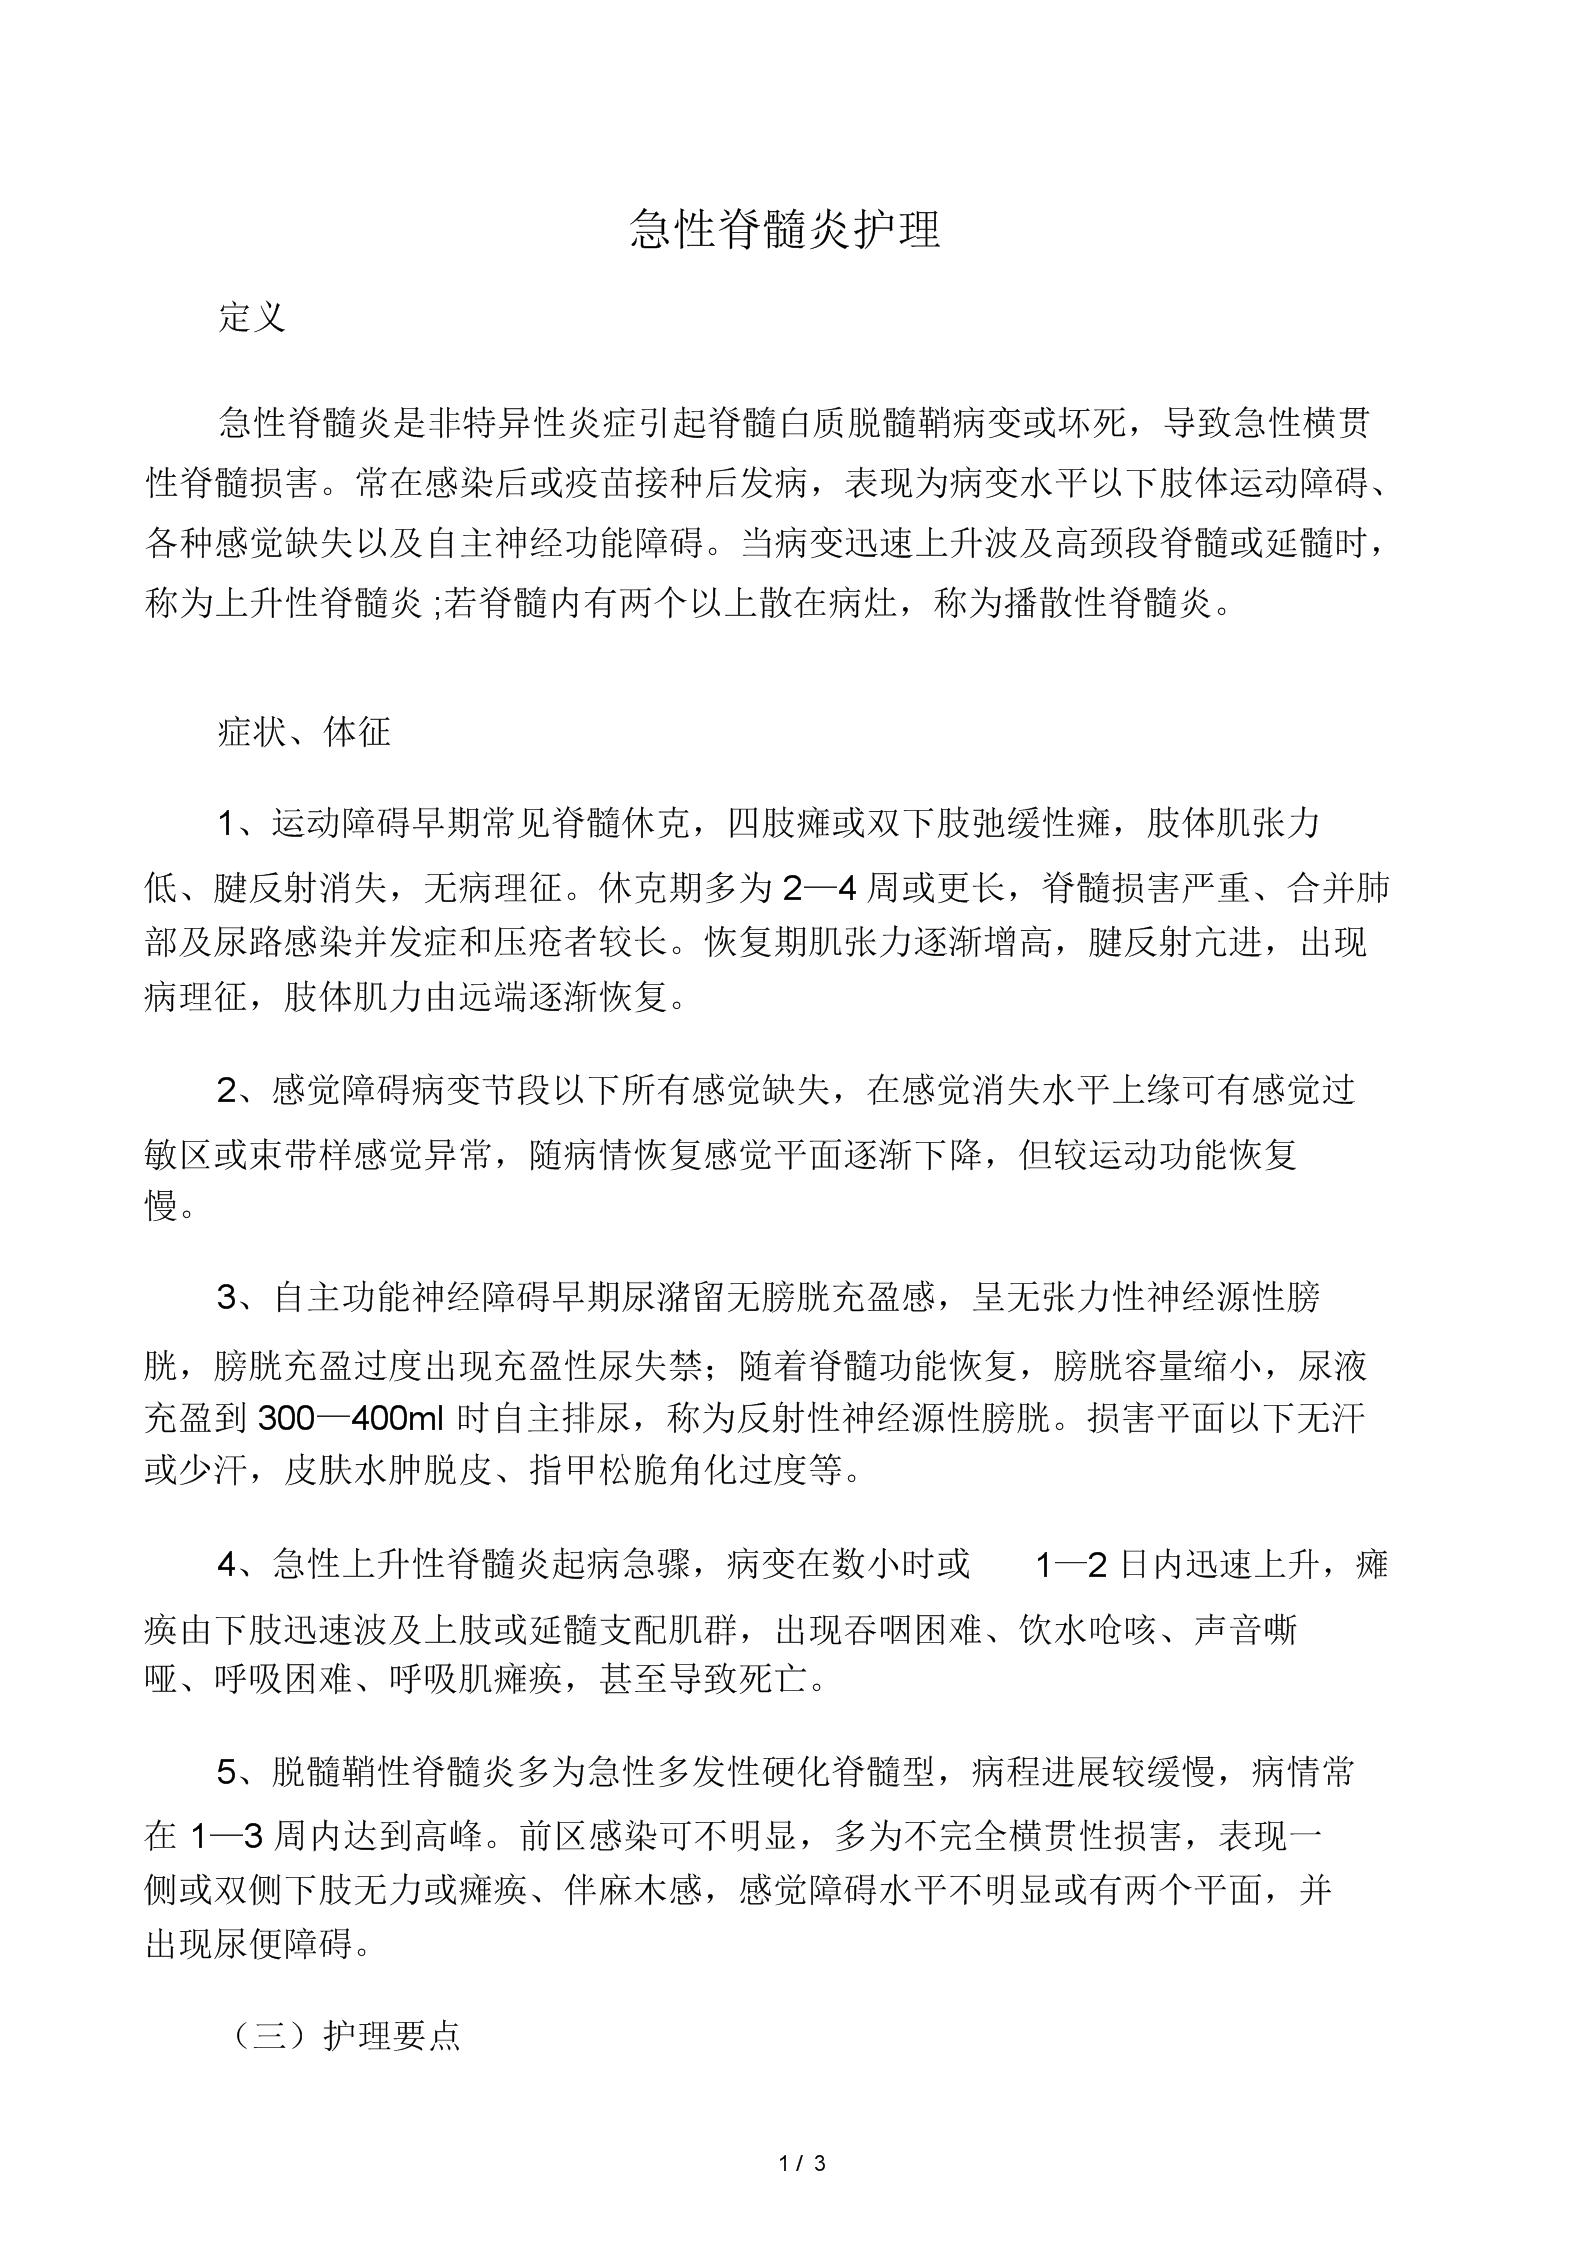 急性脊髓炎护理.docx